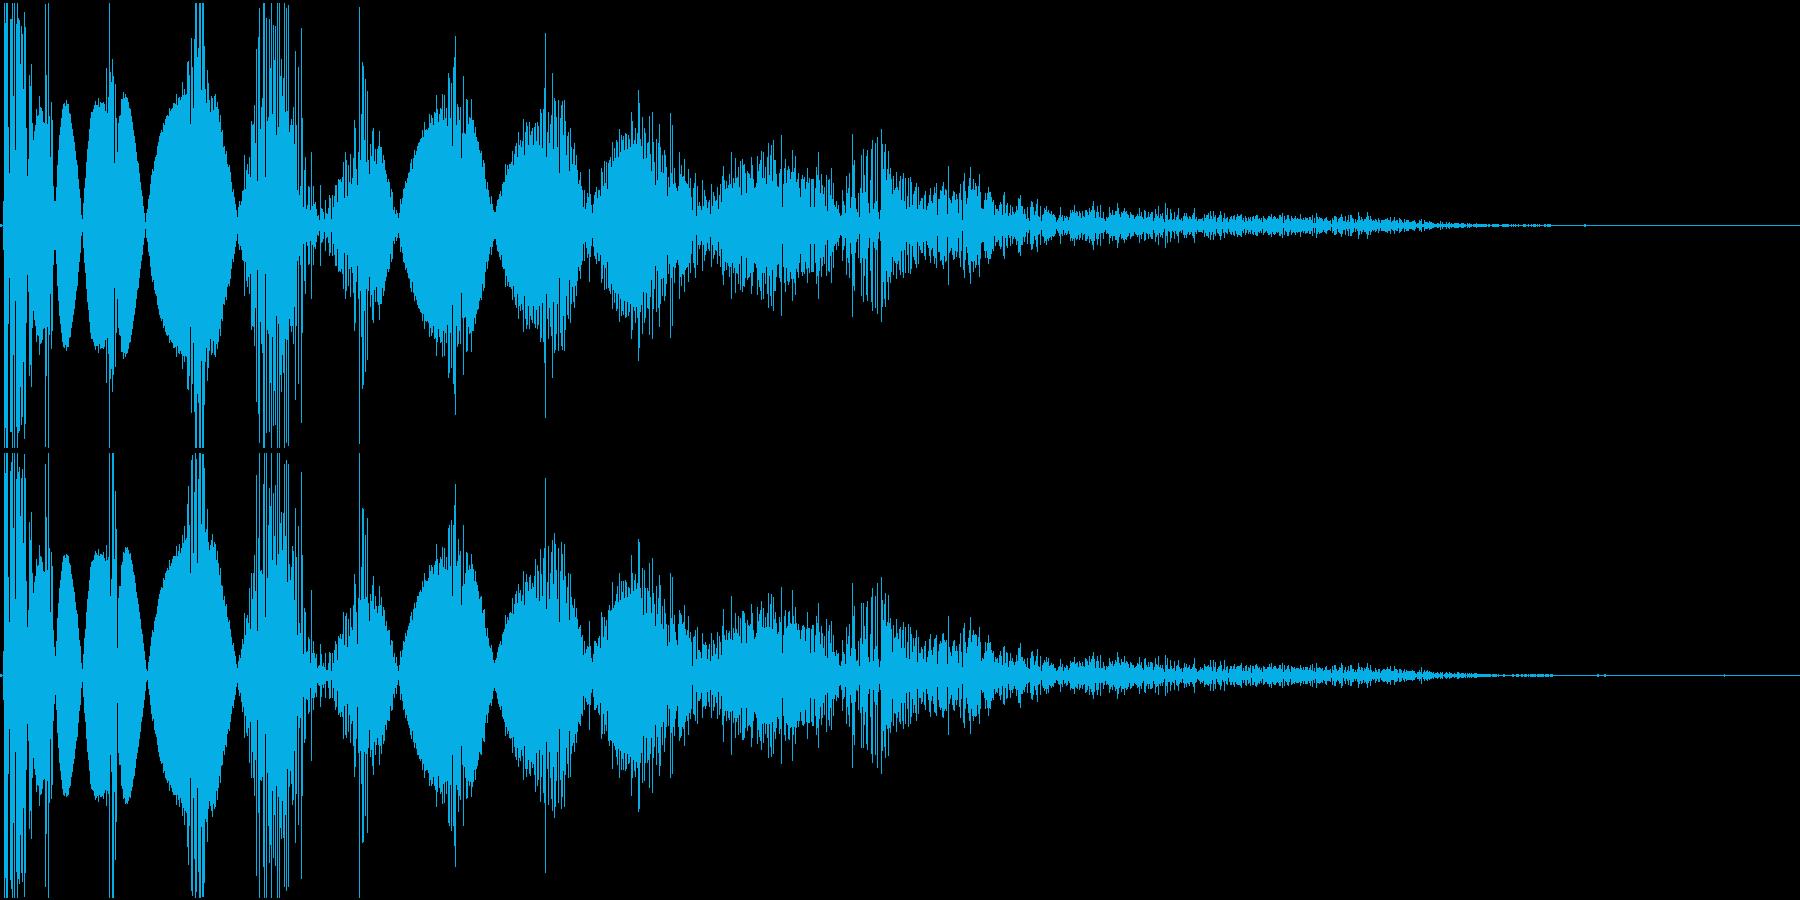 KAKUGE 格闘ゲーム戦闘音 30の再生済みの波形